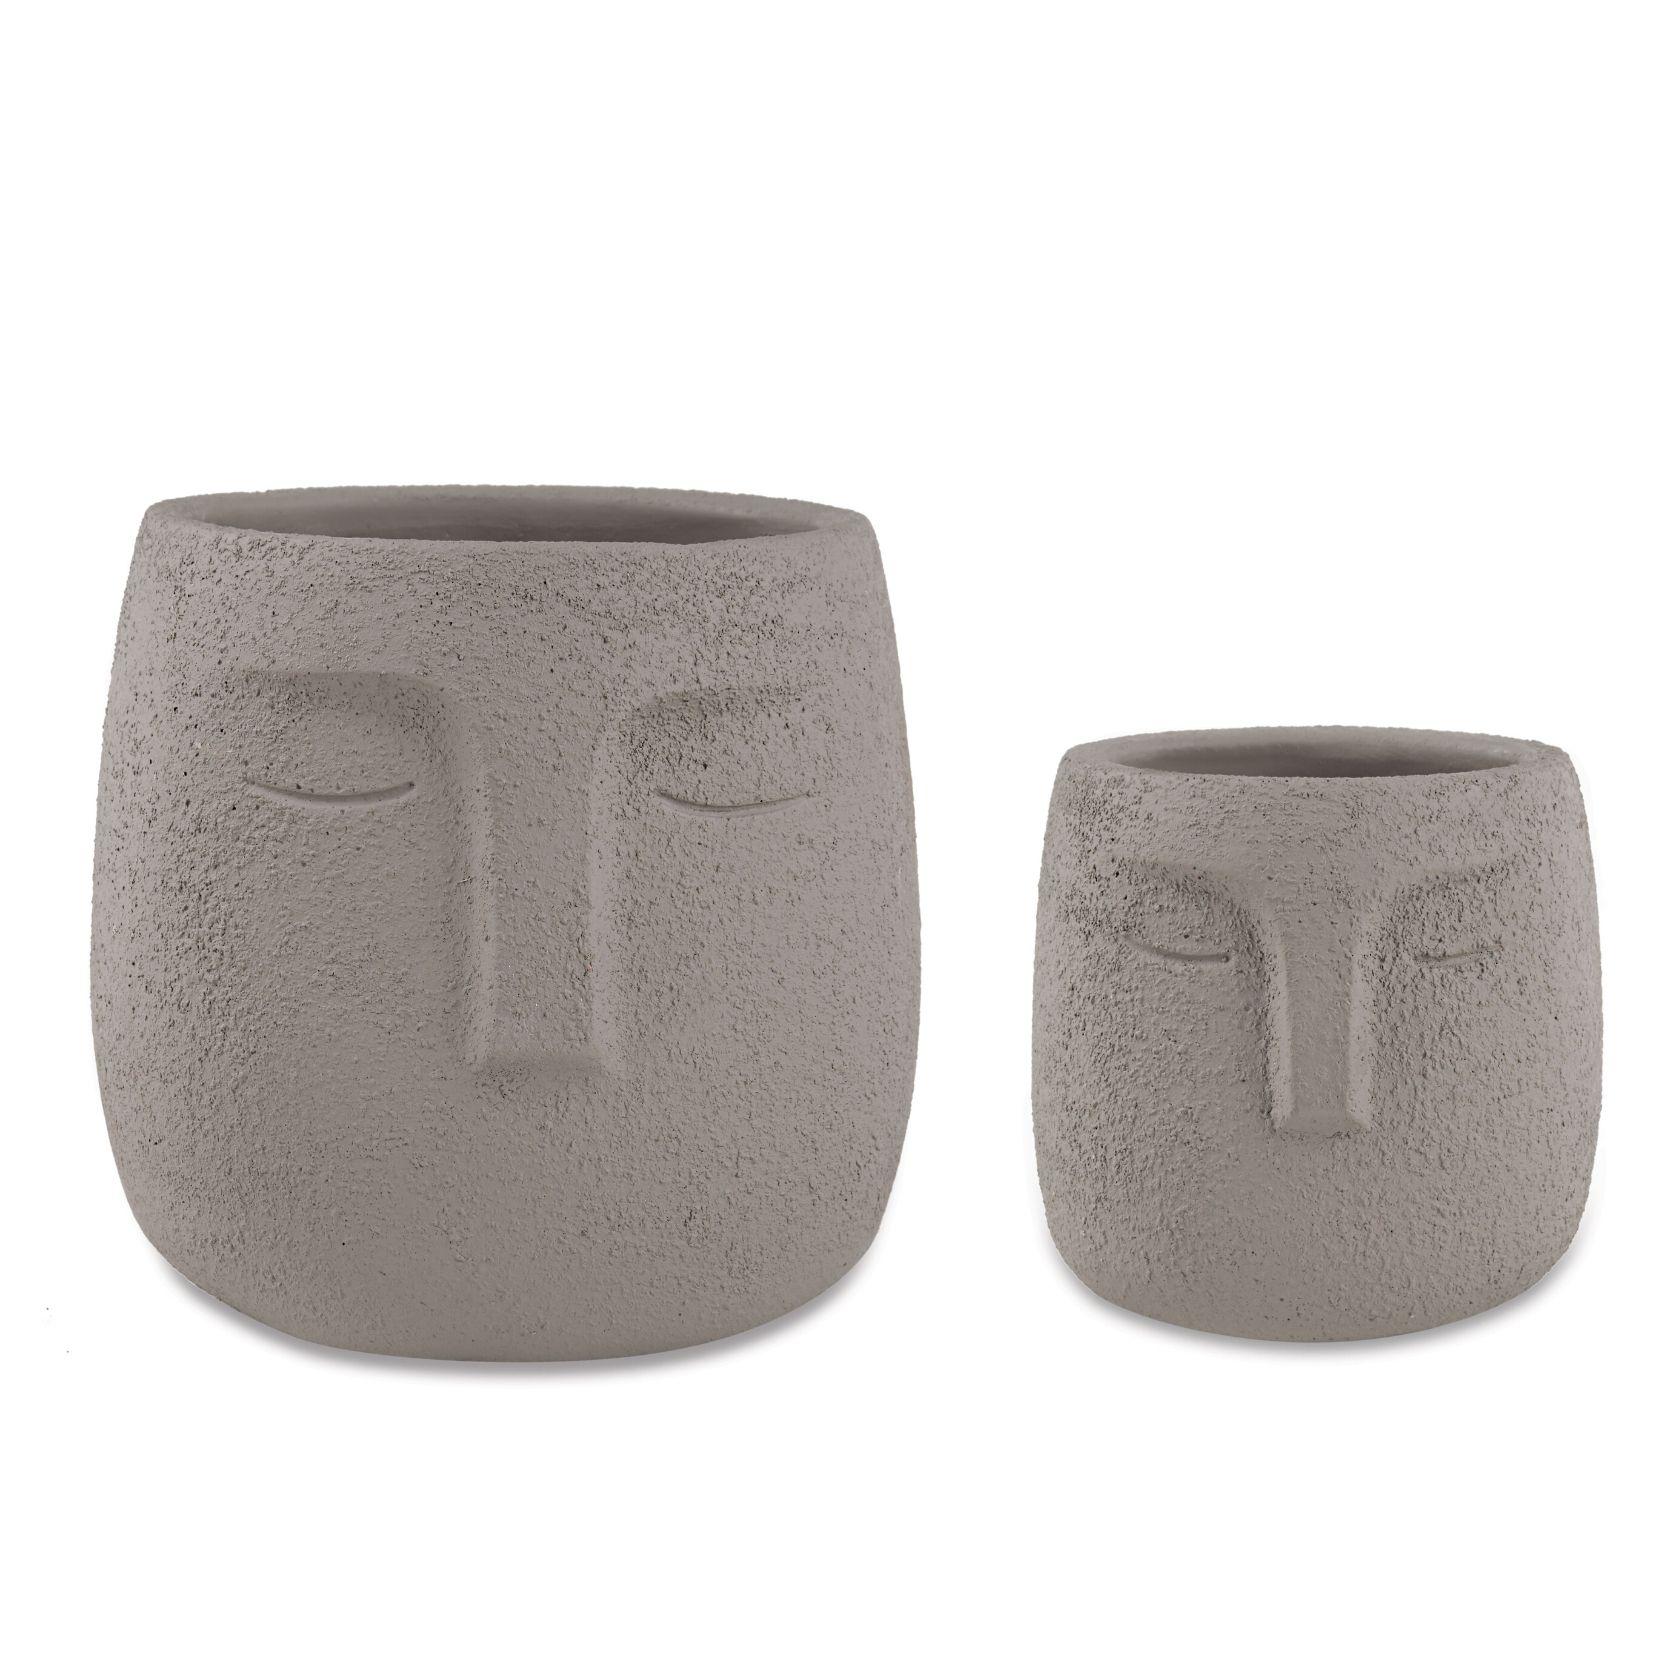 Jogo c/2 Vasos Cachepot em Cimento Cinza